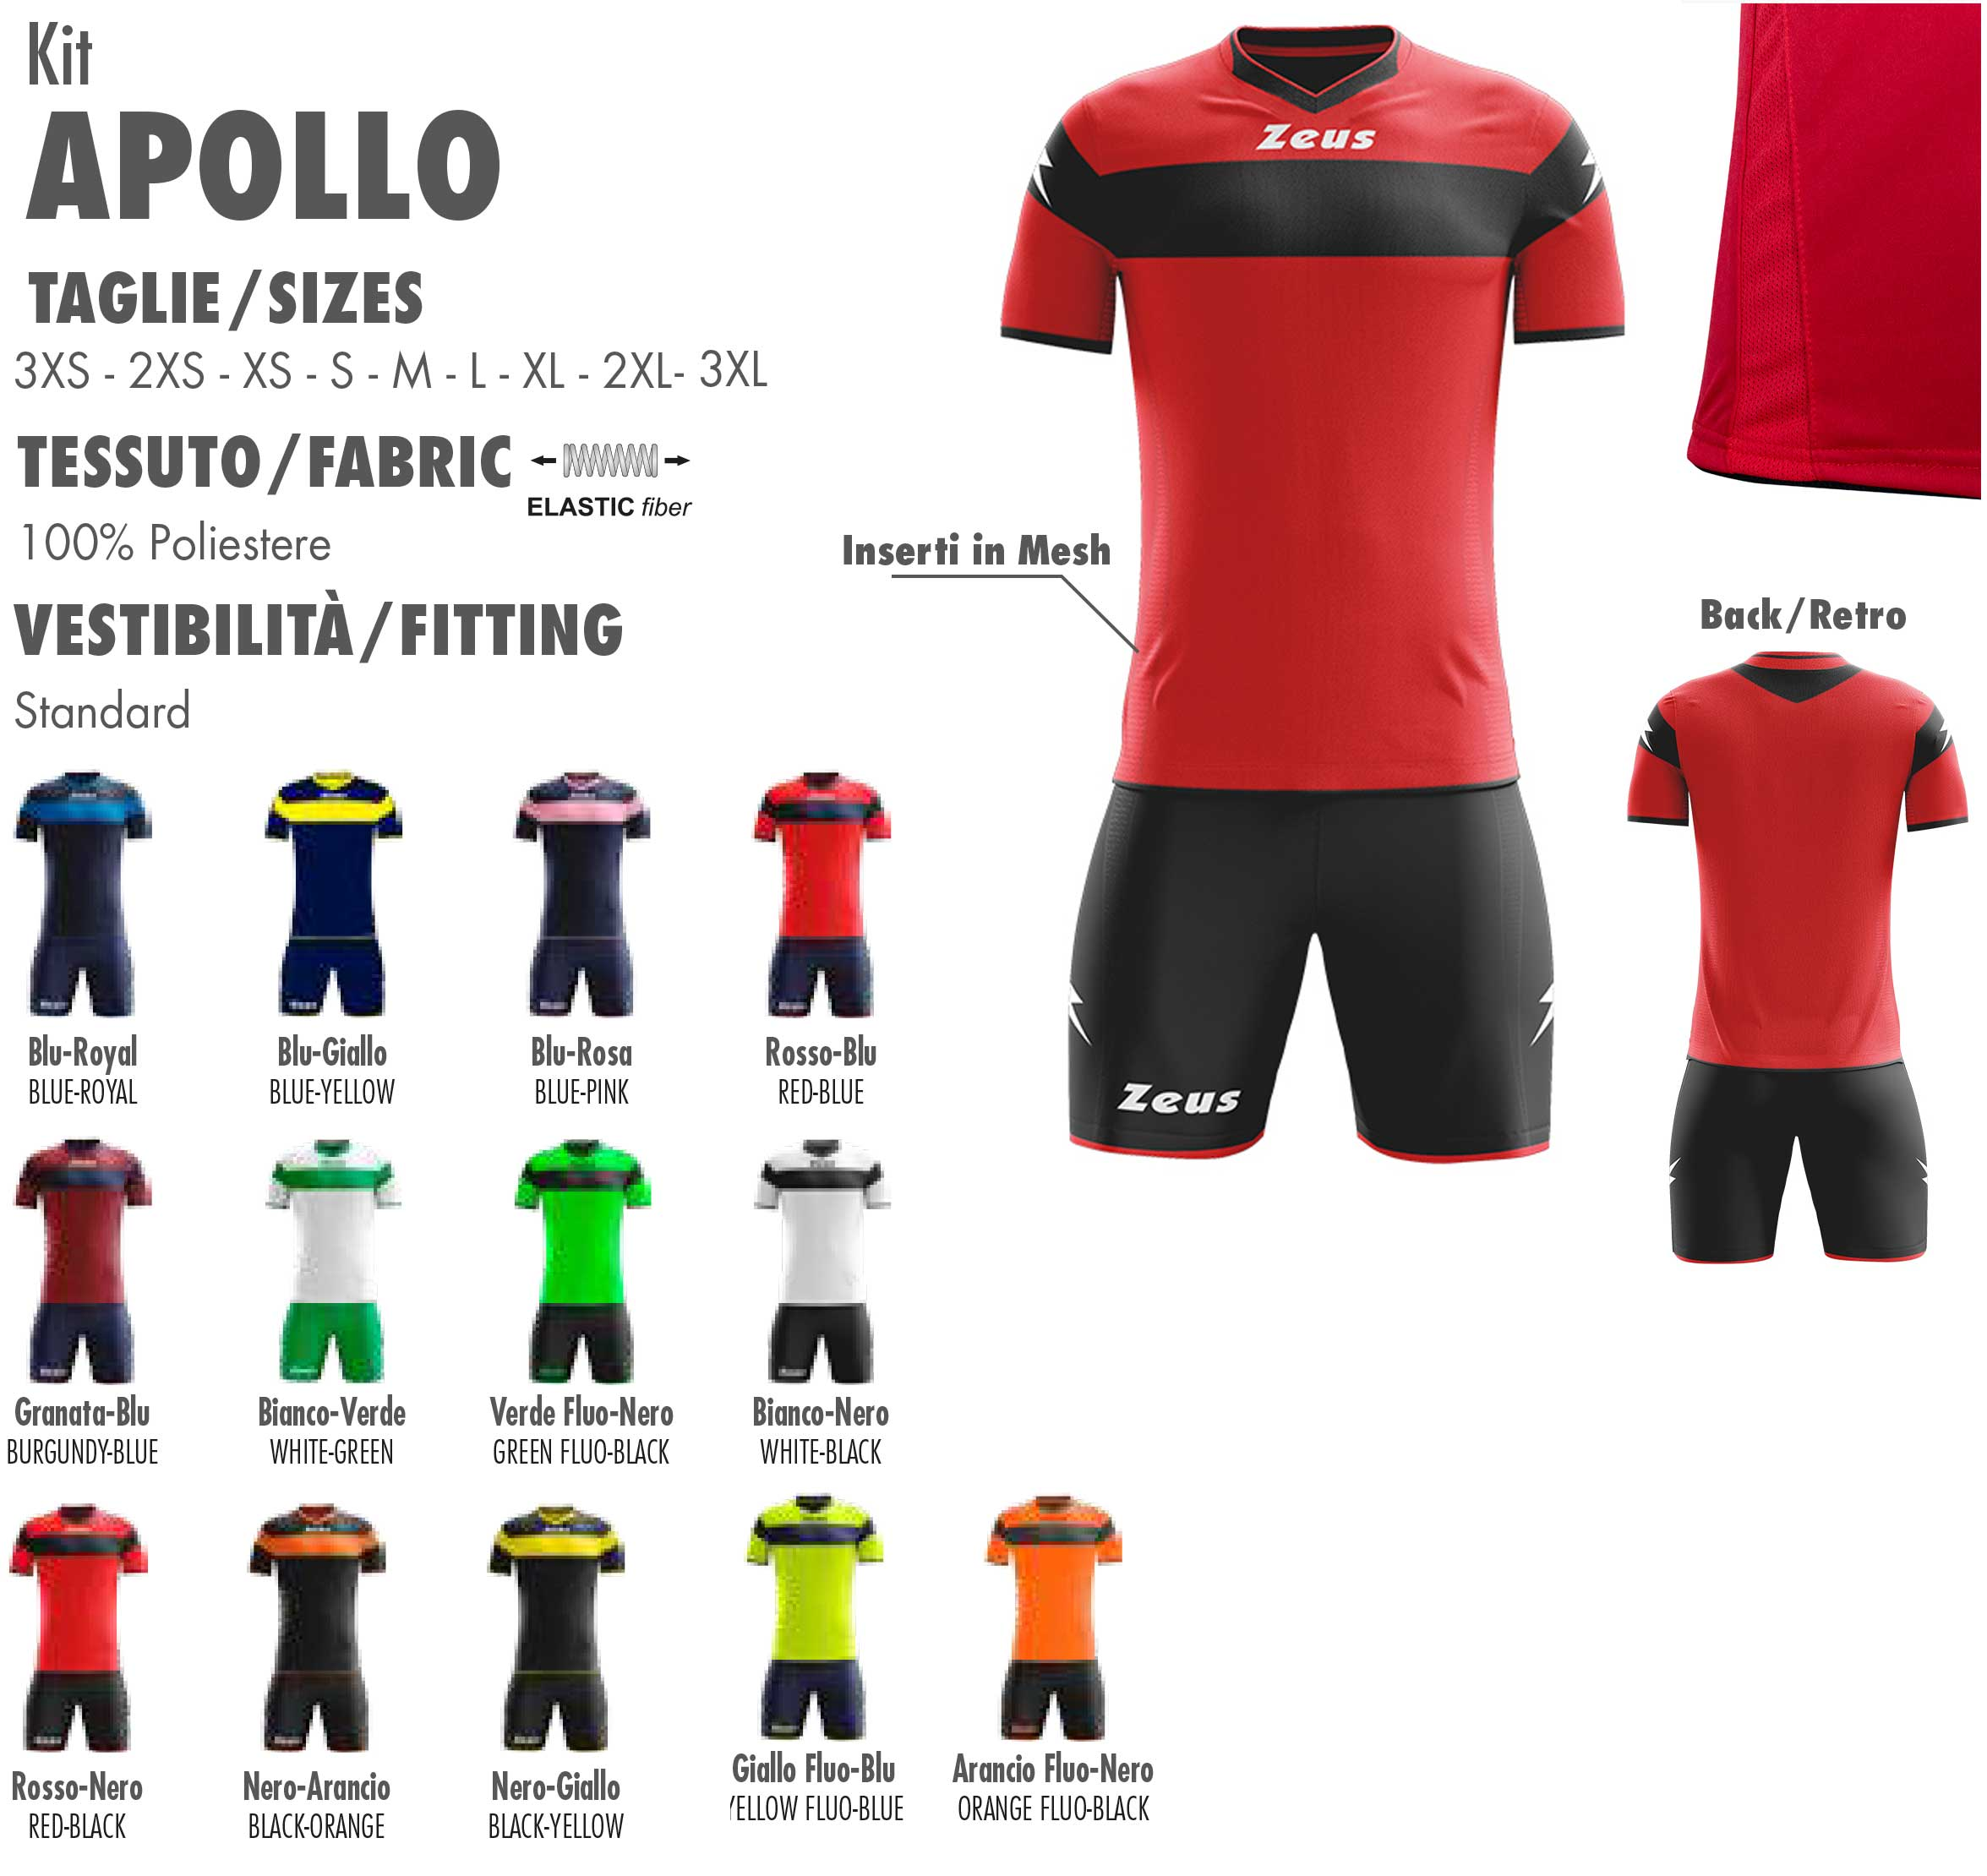 kit-apollo-front